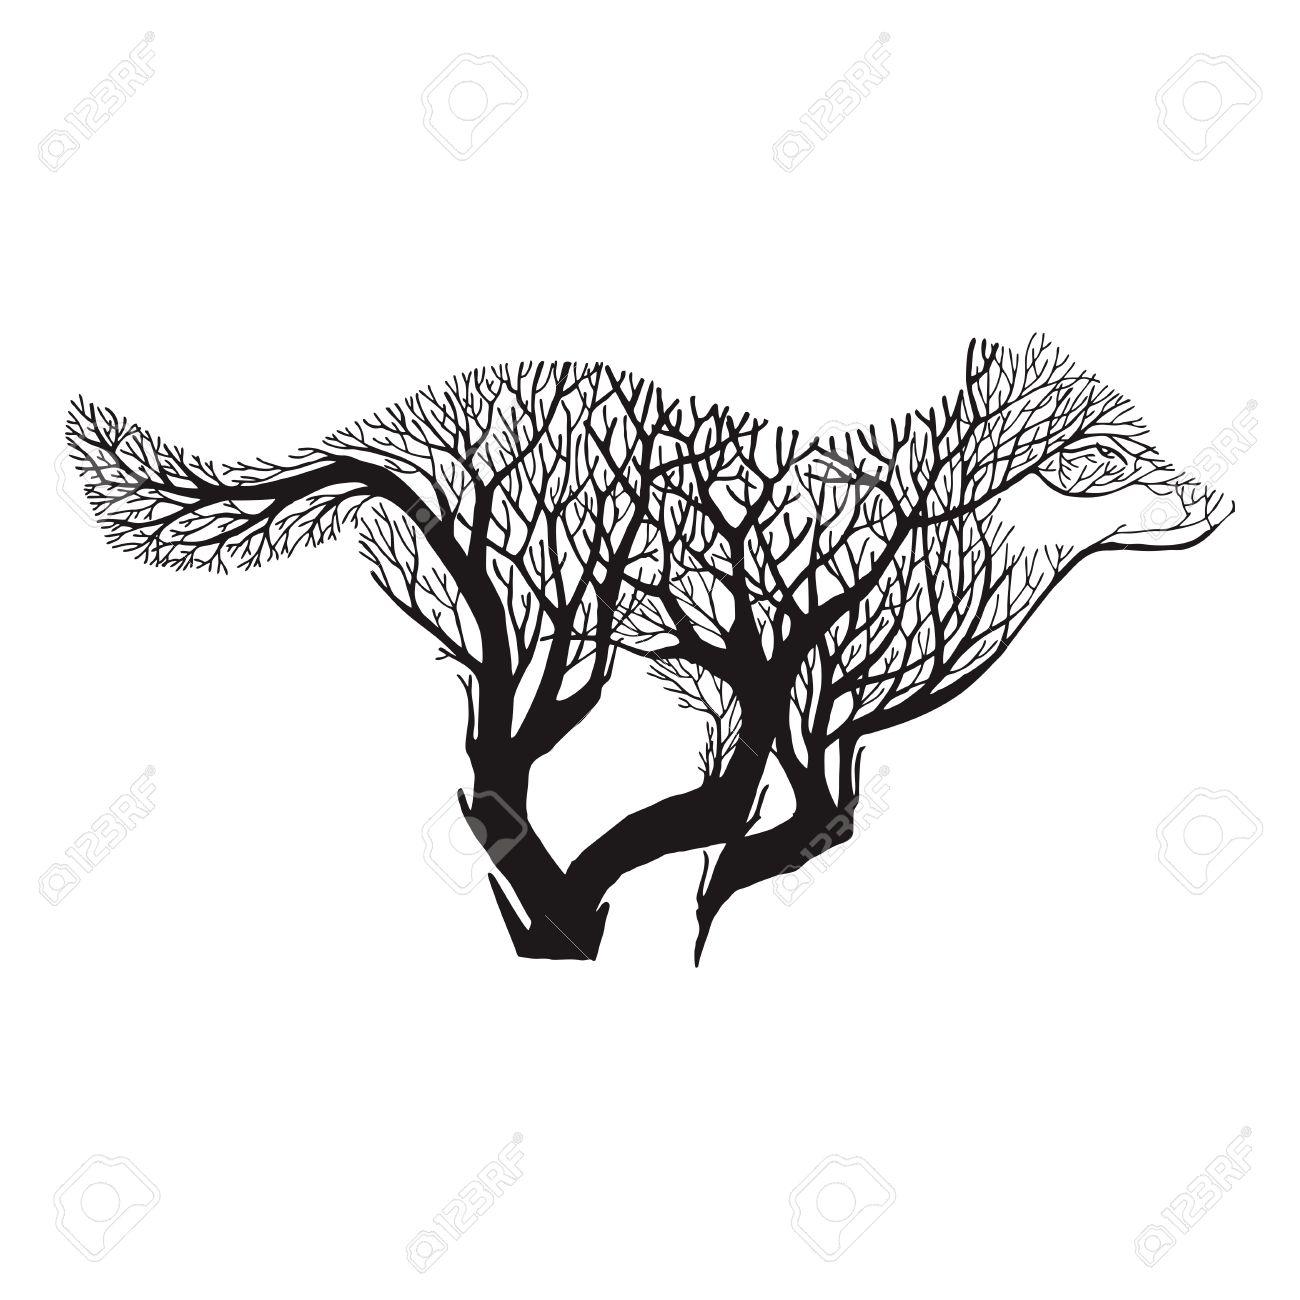 Lobo árbol De Ejecución Mezcla De Dibujo Vectorial Tatuaje